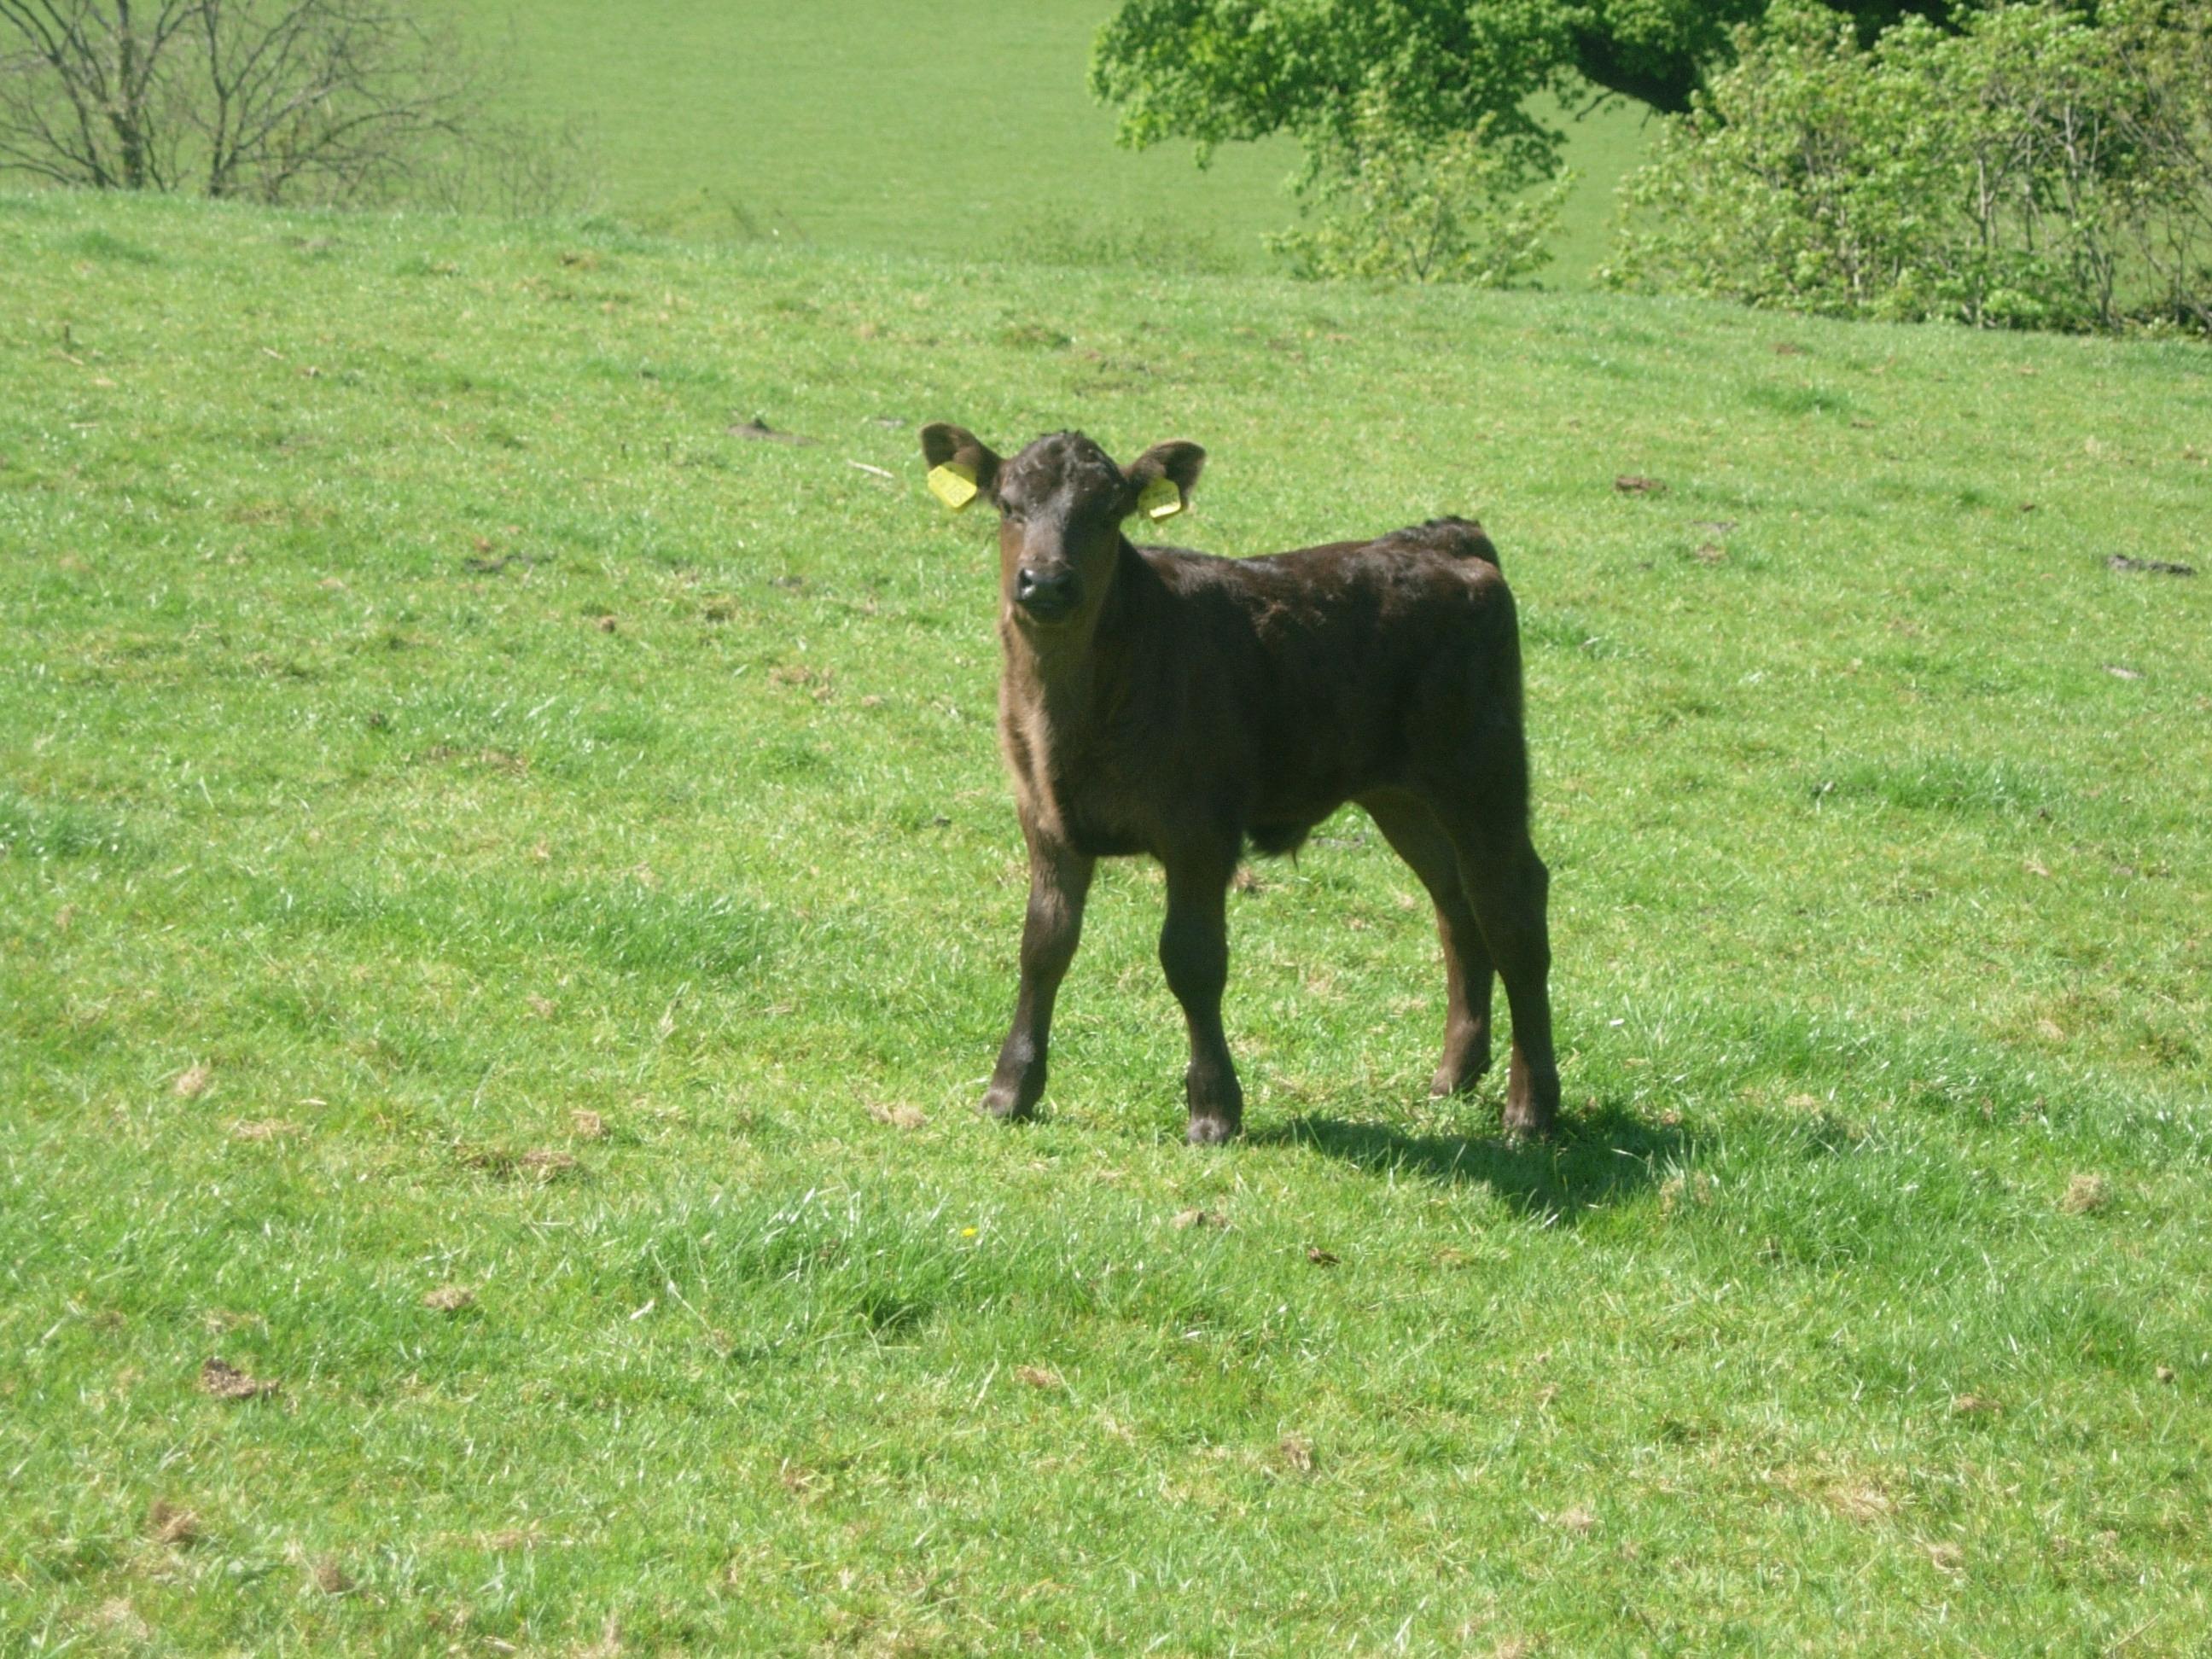 Aberdeen Angus calf